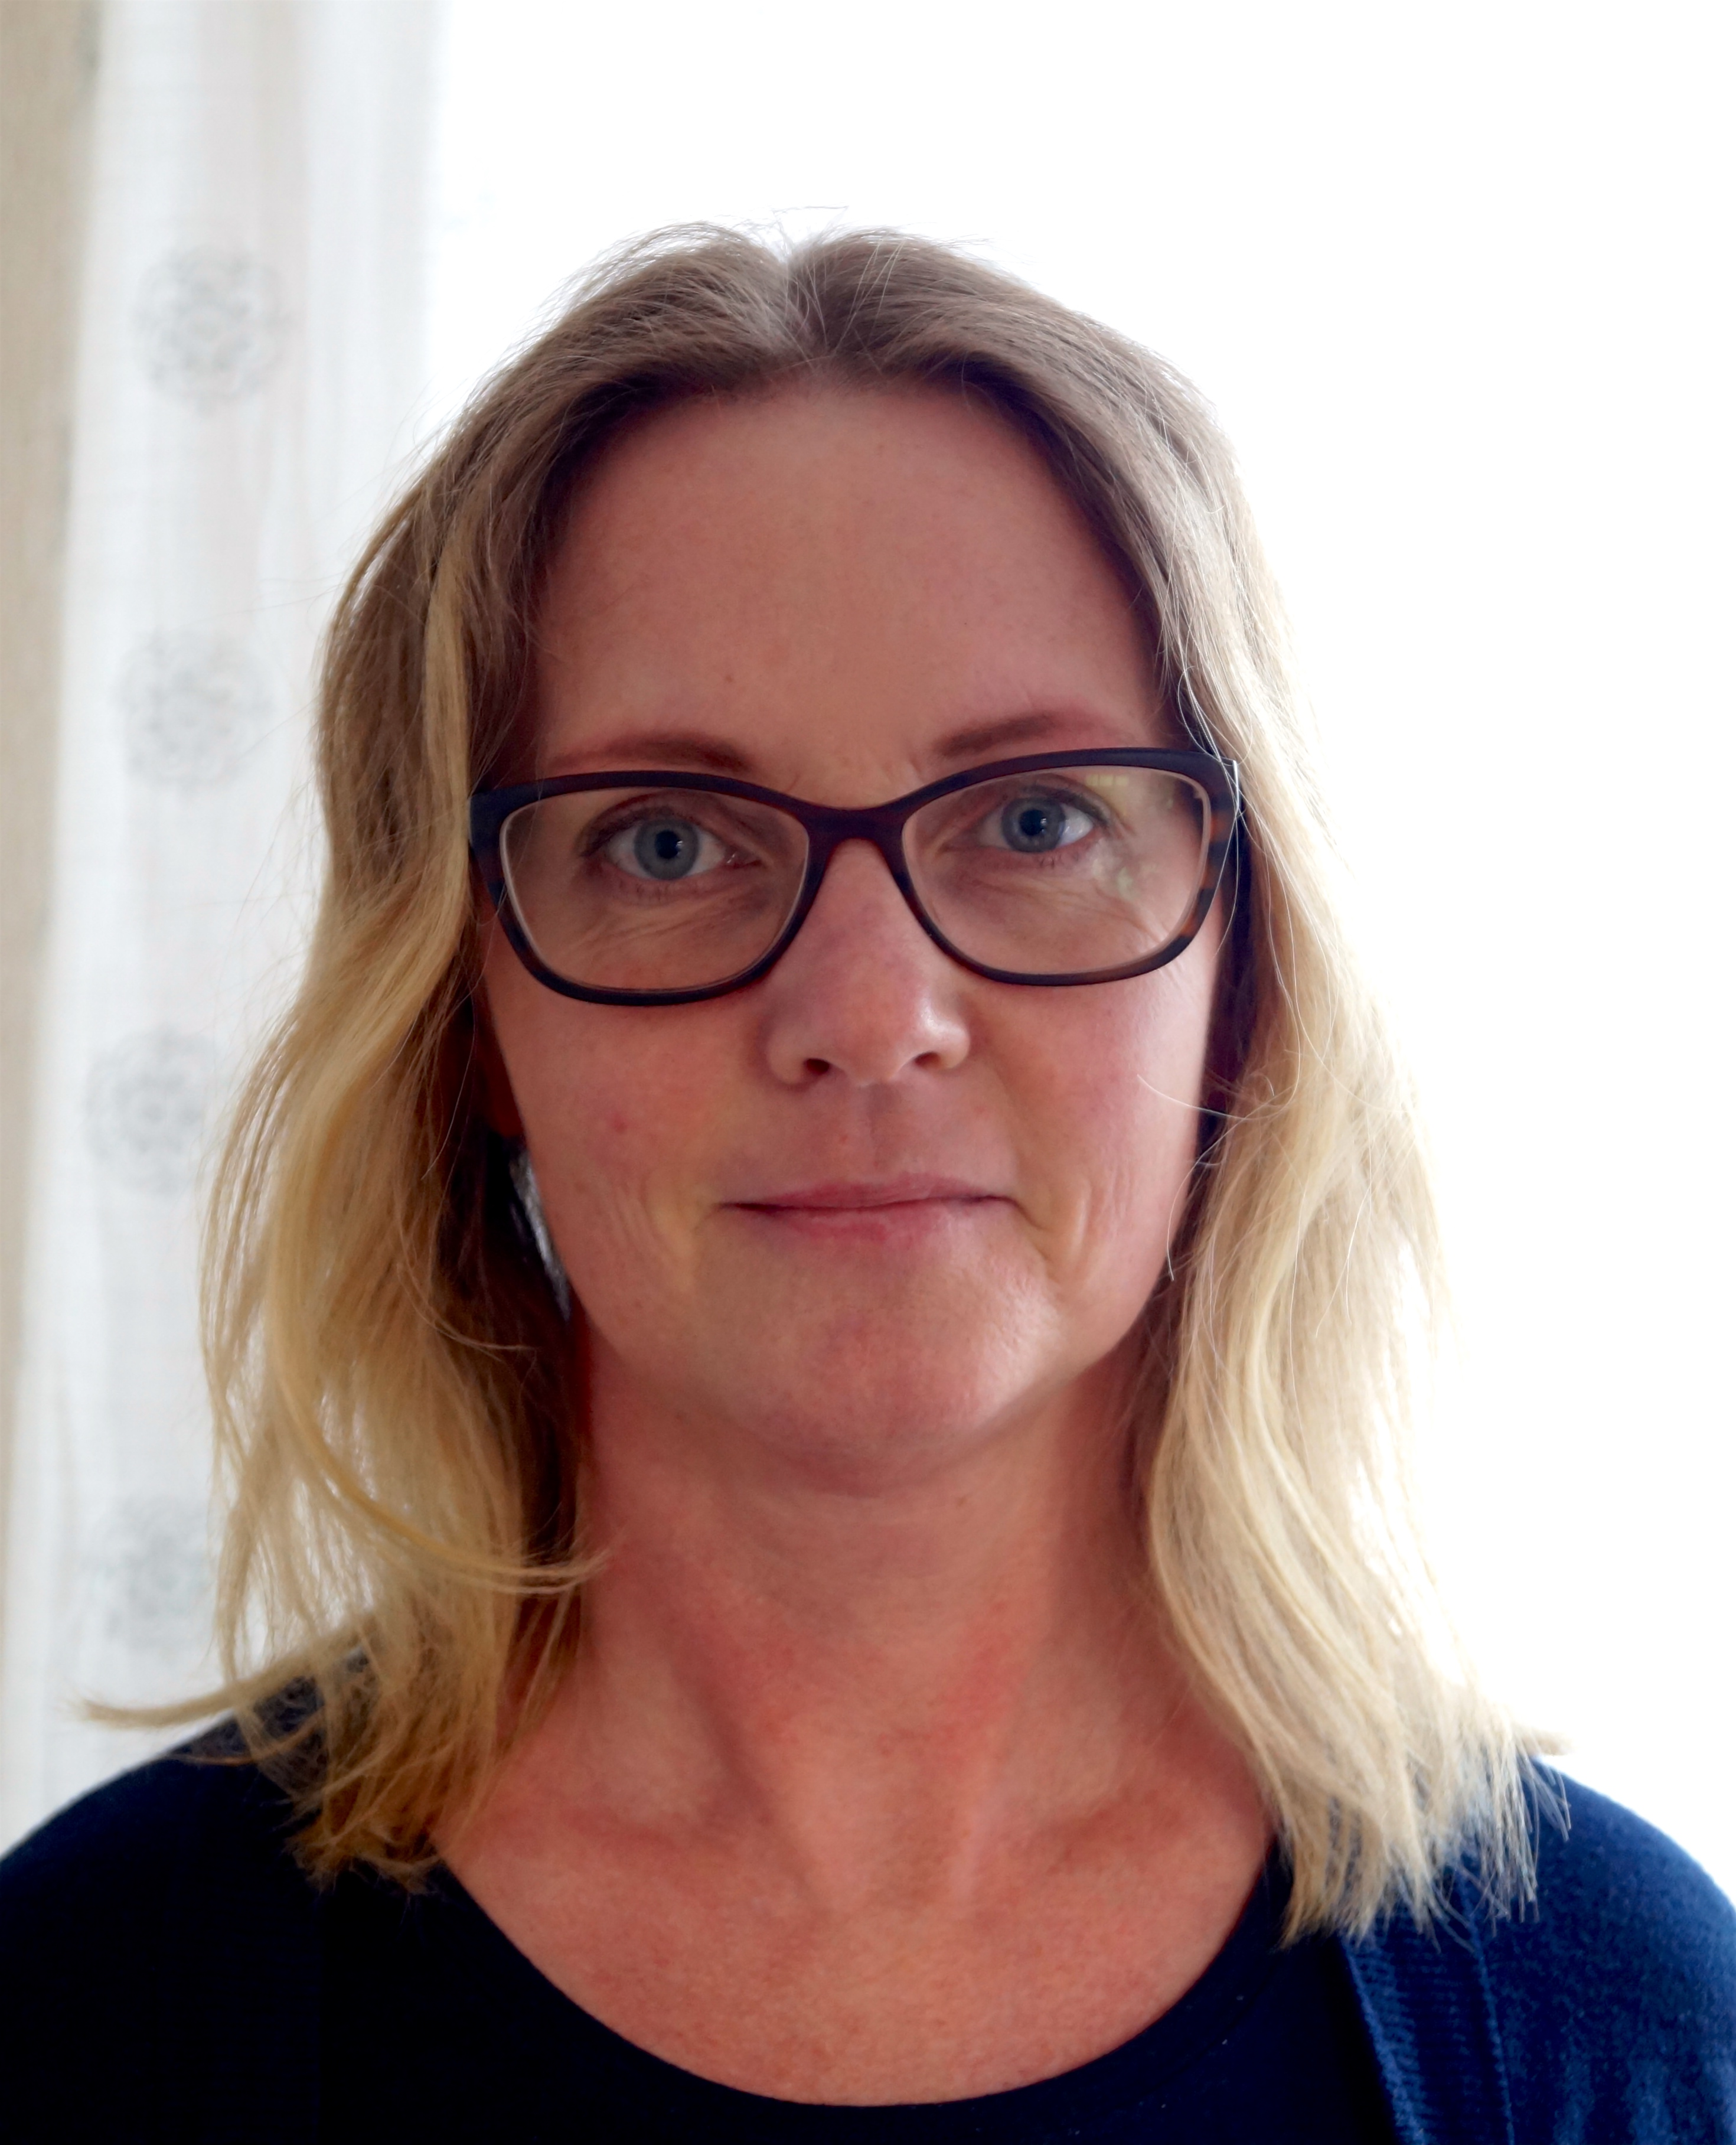 Gabriella Röschmann